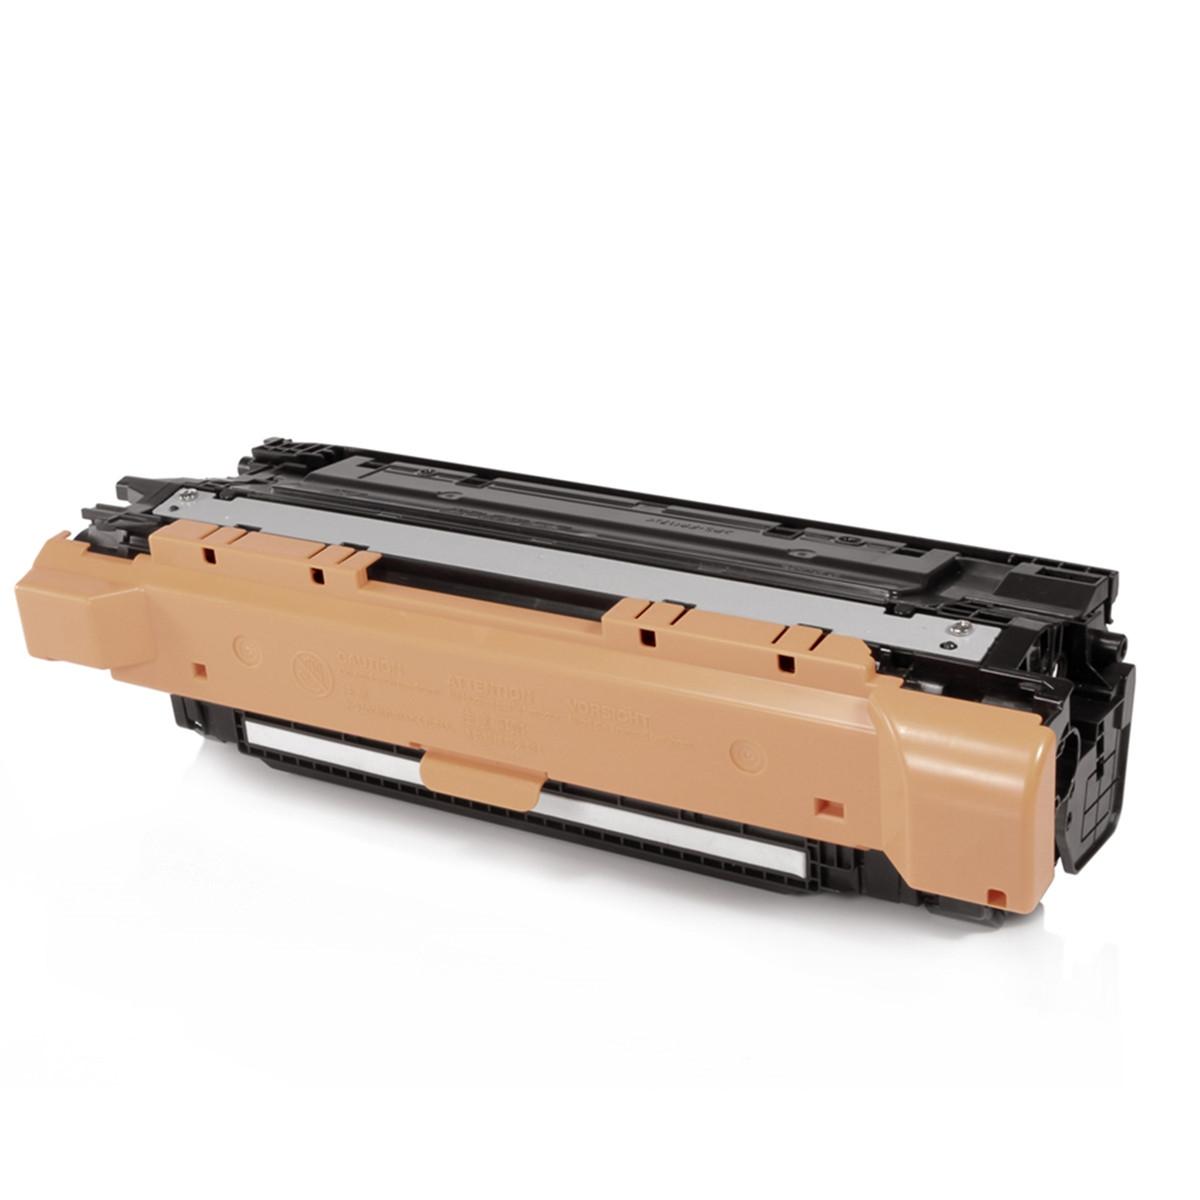 Toner Compatível com HP CE252A CE402A Amarelo   CM3530 CP3525 M575 M570 M551   Importado 7k